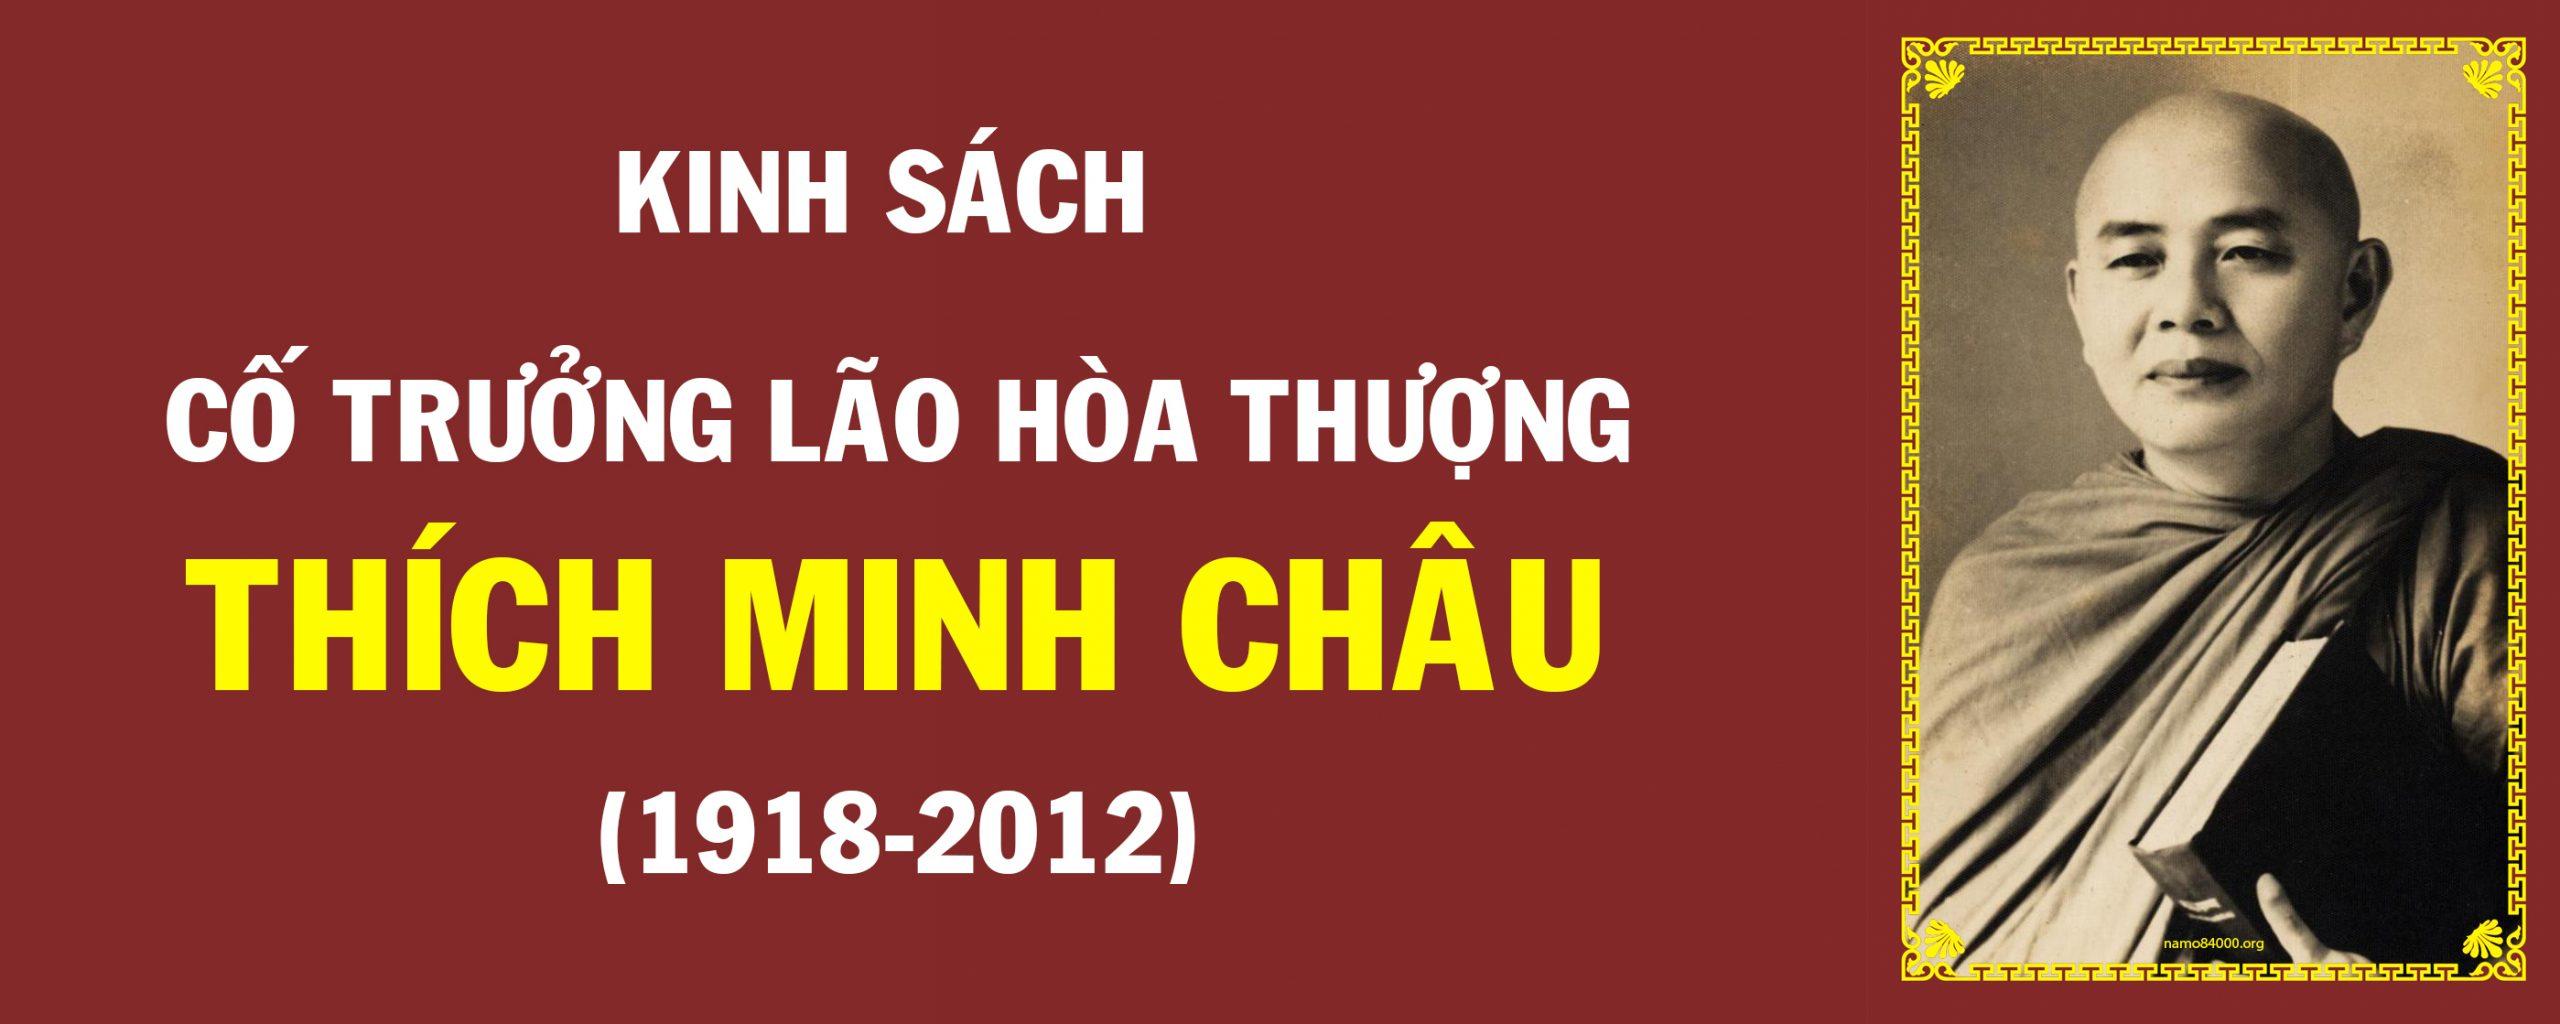 Thích Minh Châu